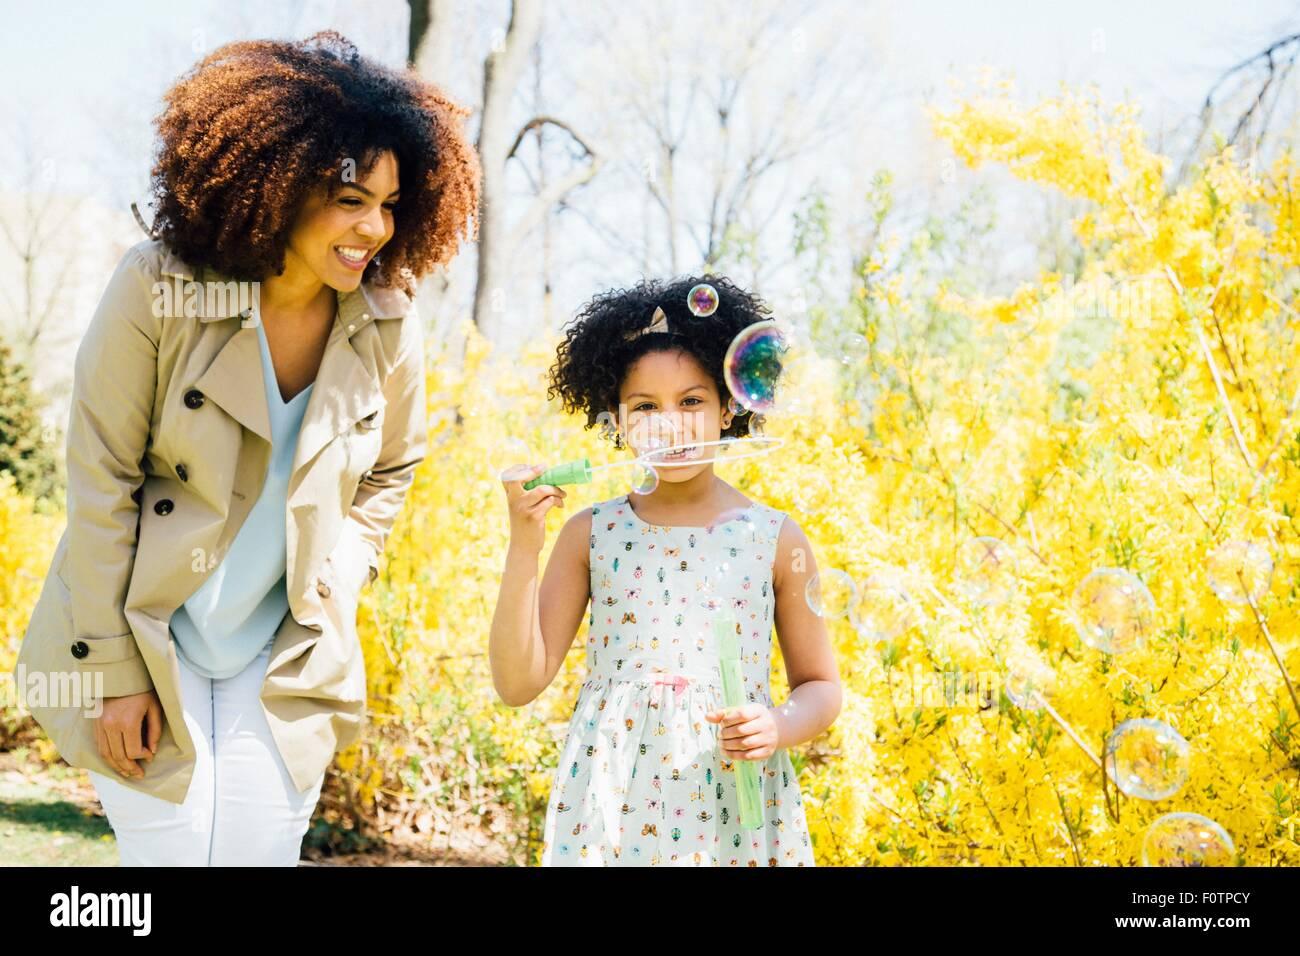 Vista frontal de la madre y la hija soplando burbujas Imagen De Stock